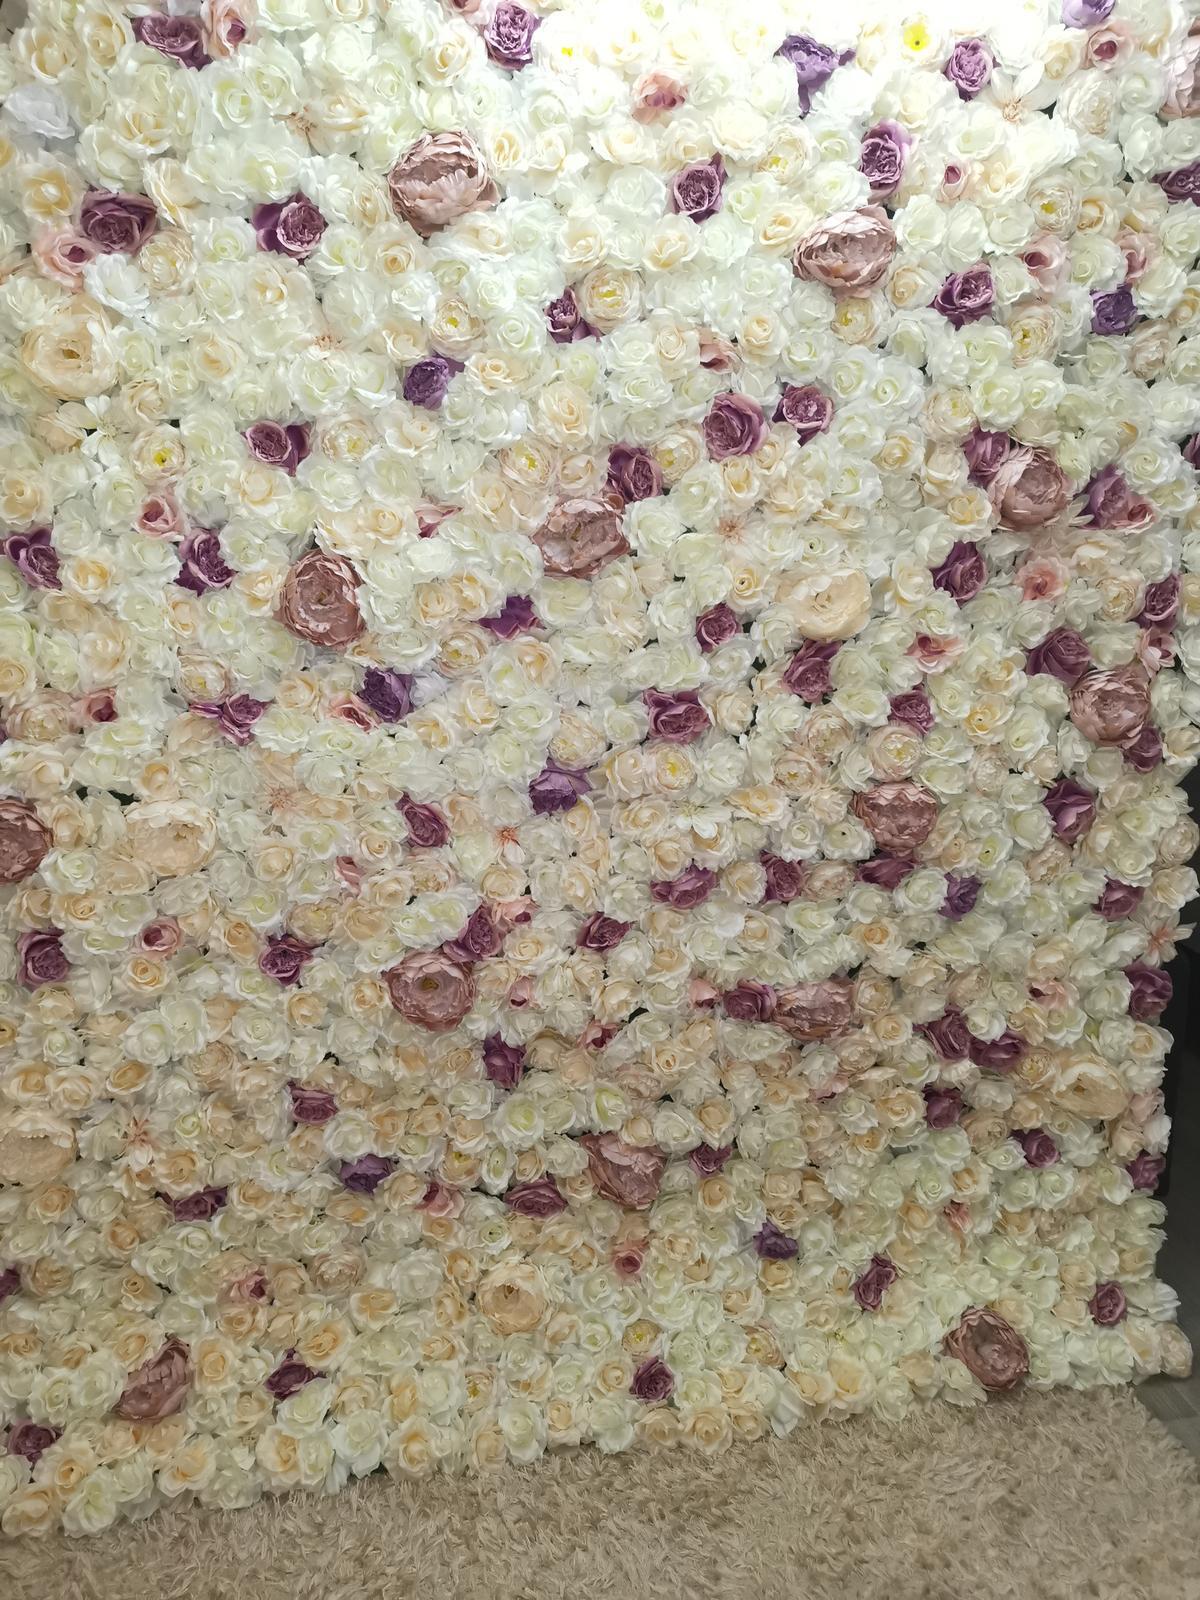 Kvetinová stena 2m x 2,5m  - Obrázok č. 1